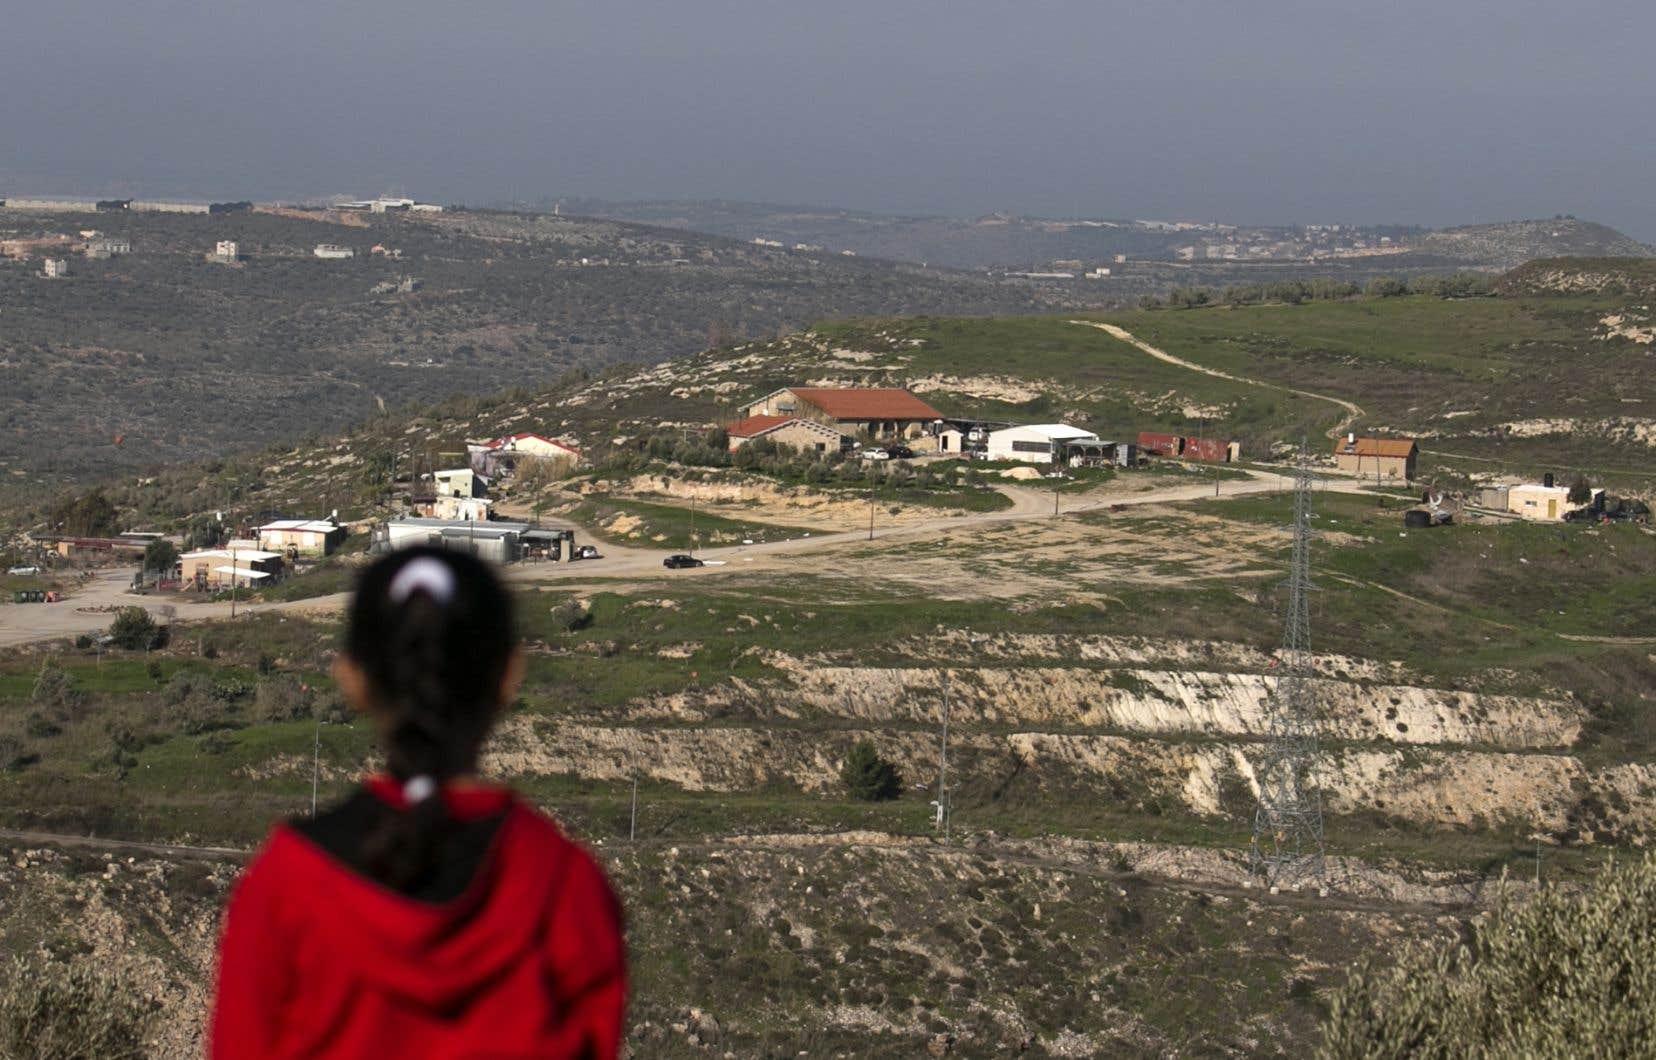 Le rabbin Raziel Shevah, 35ans, père de six enfants, a été tué le 9janvier alors qu'il circulait dans sa voiture près de Havat Gilad, où il vivait. Cette colonie sauvage abrite une quarantaine de familles.